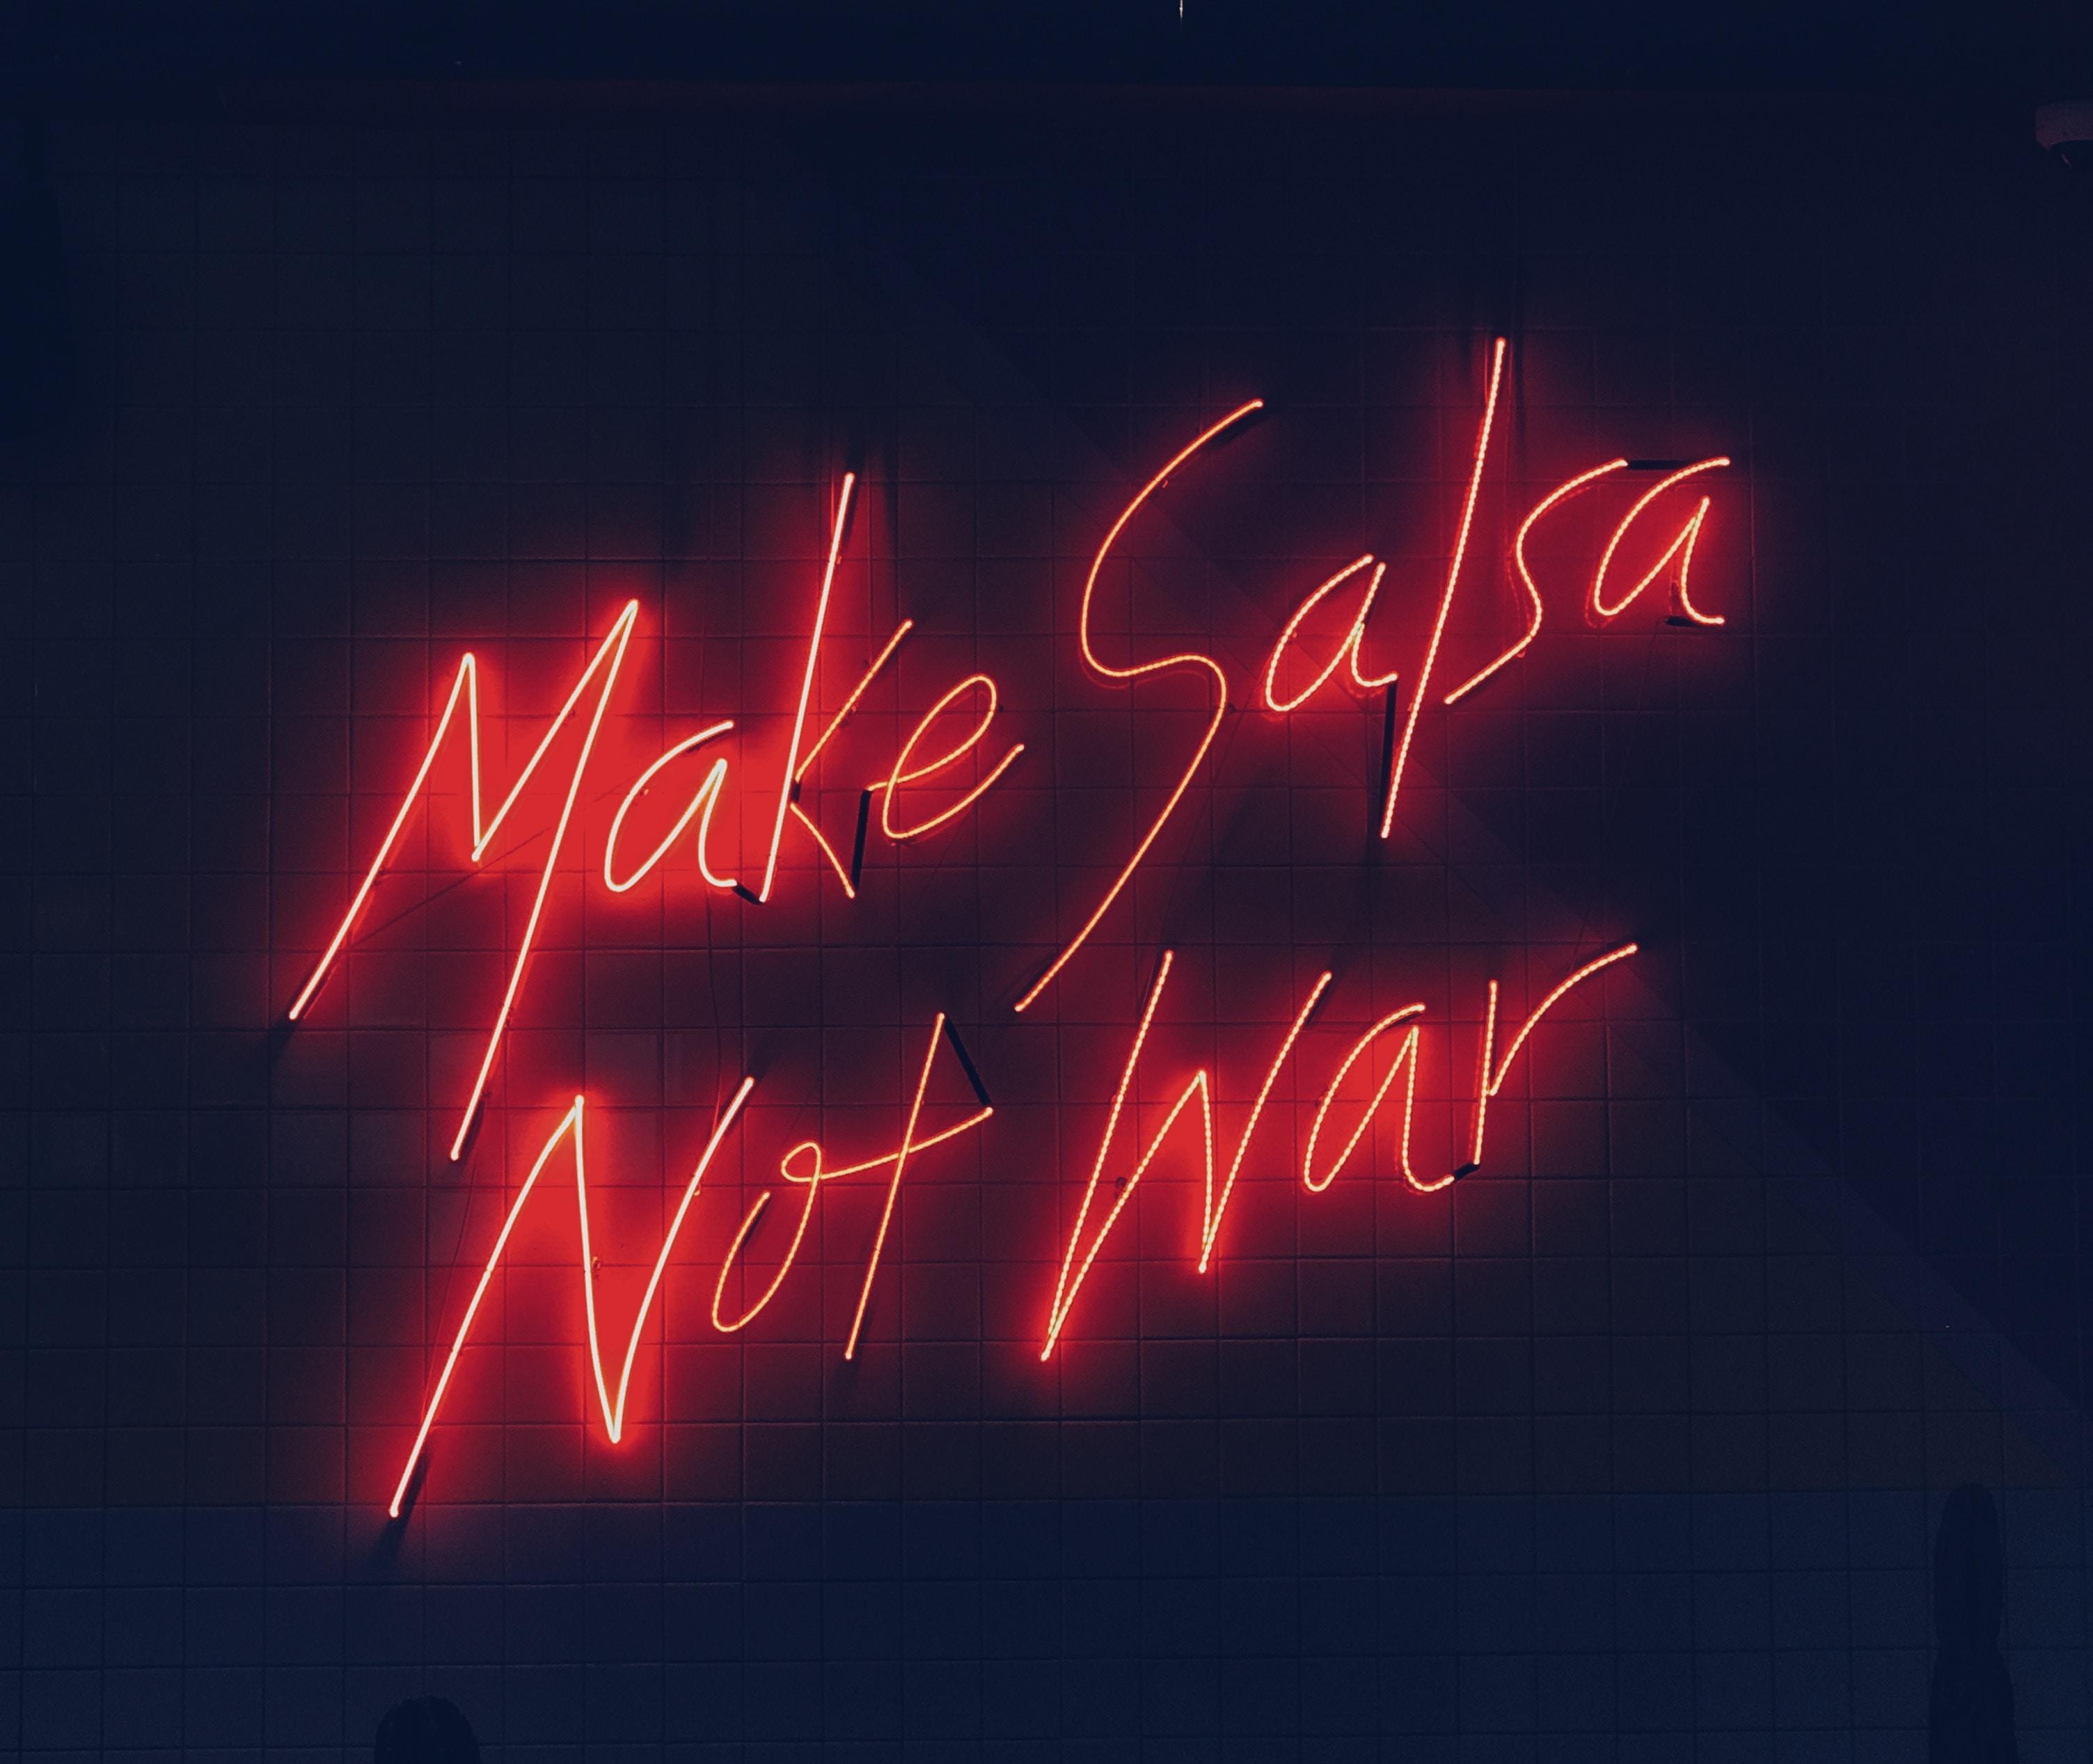 Funny Quotes Free Wallpaper Make Salsa Not War Photo By Natalya Natalya 0104 On